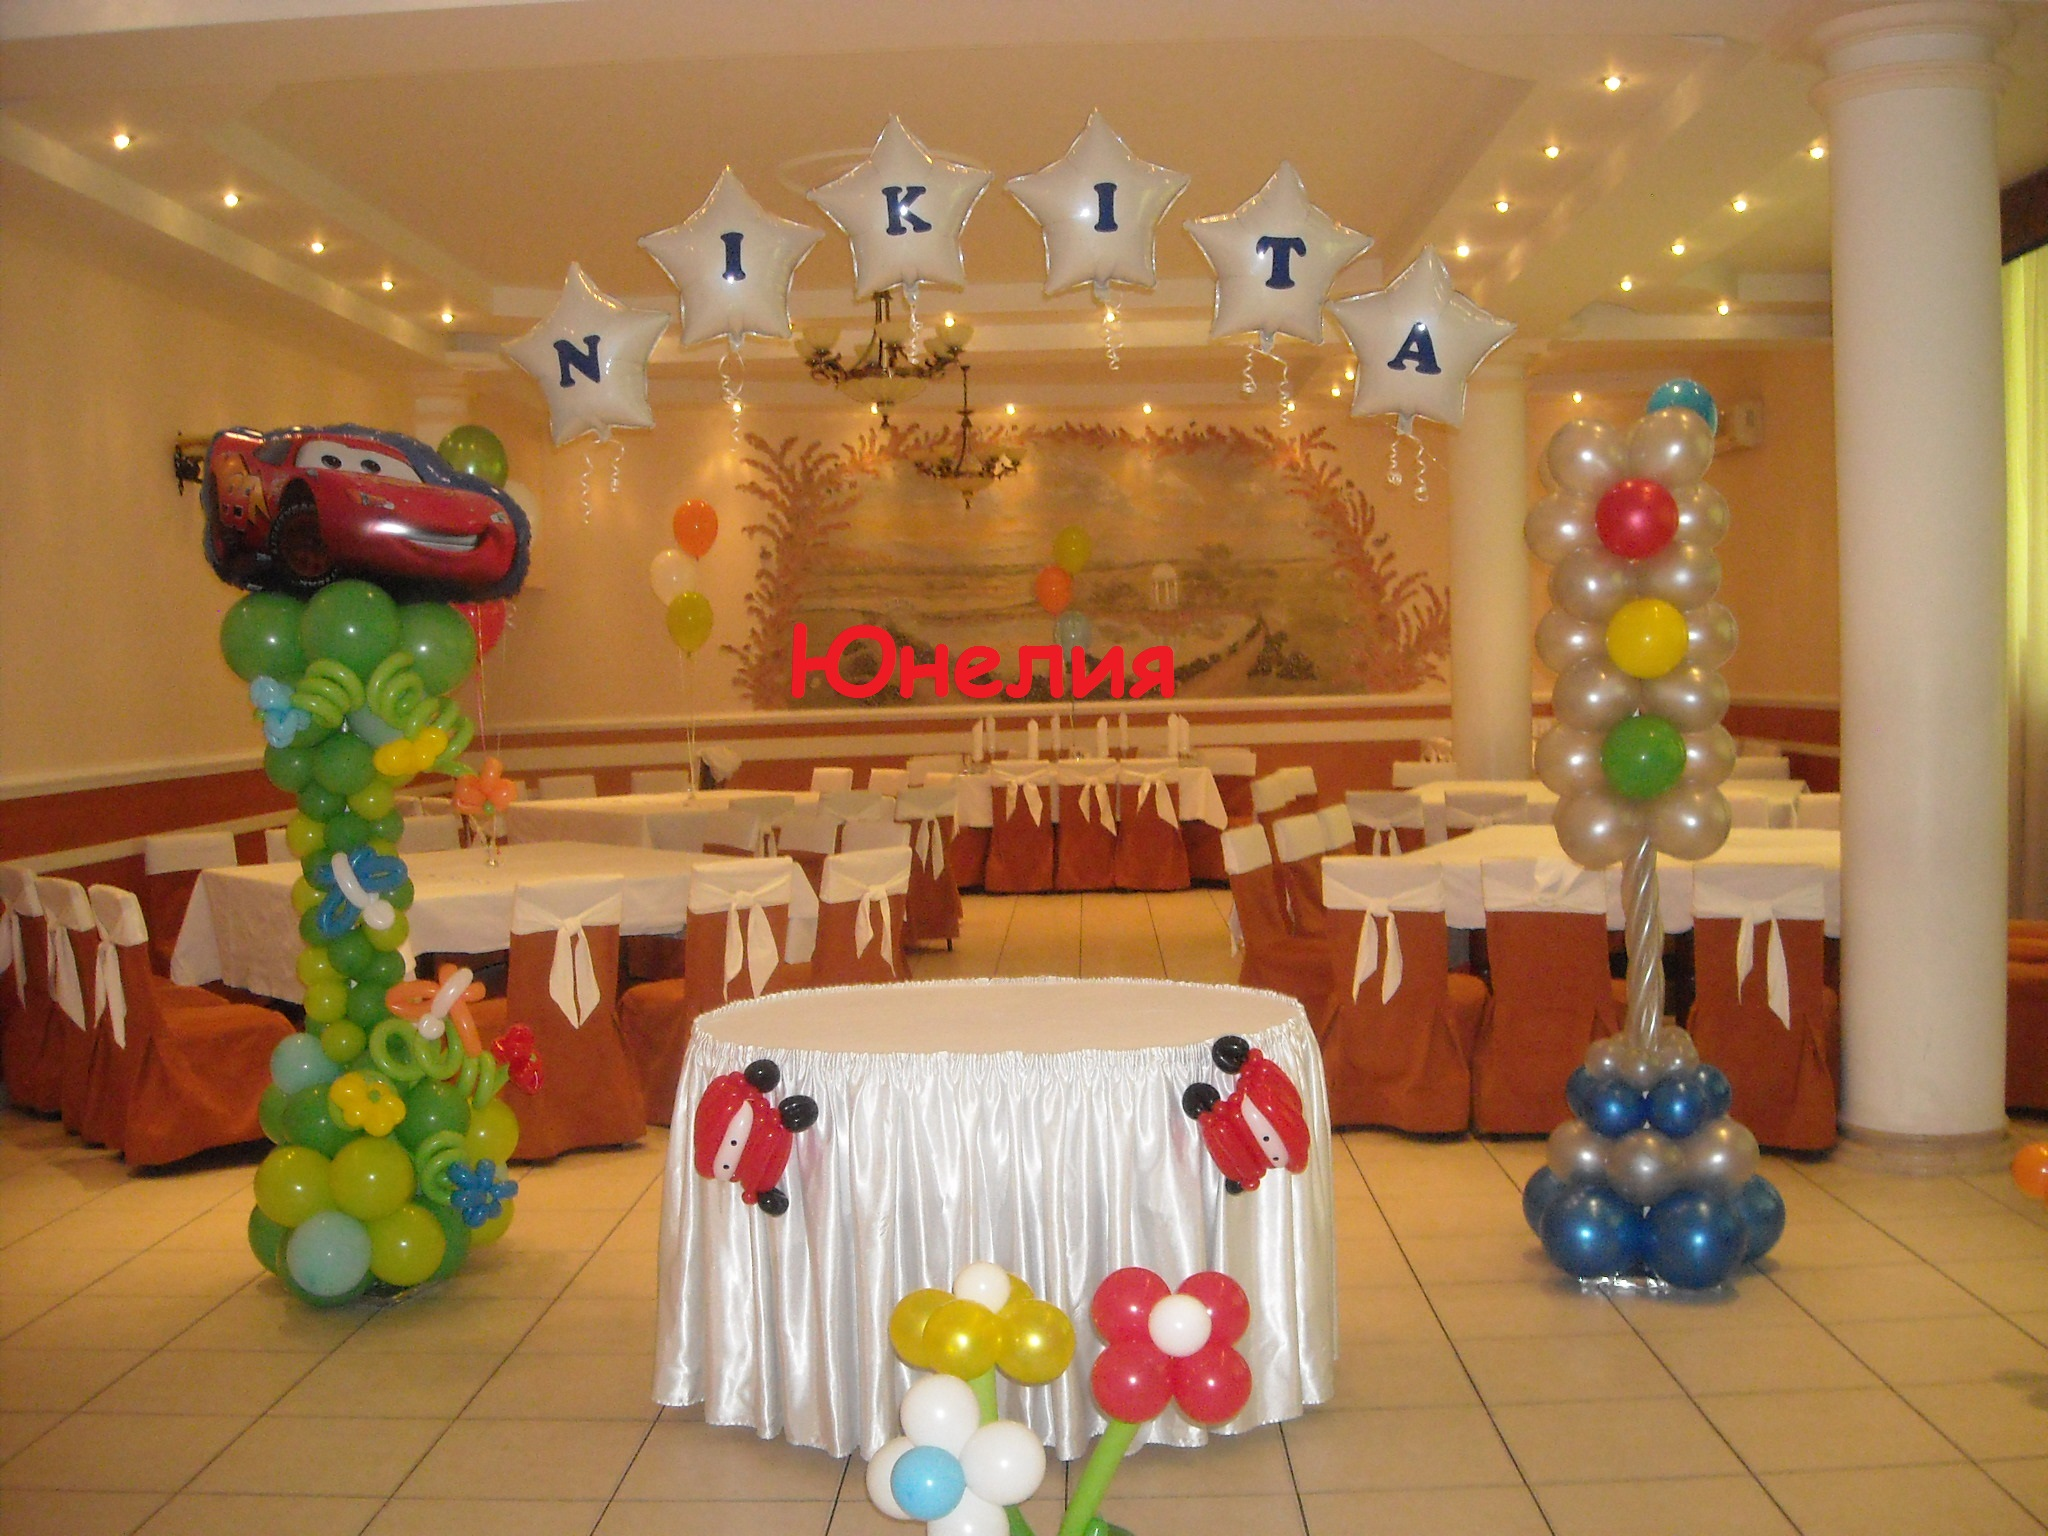 Фото украшения зала для детского дня рождения